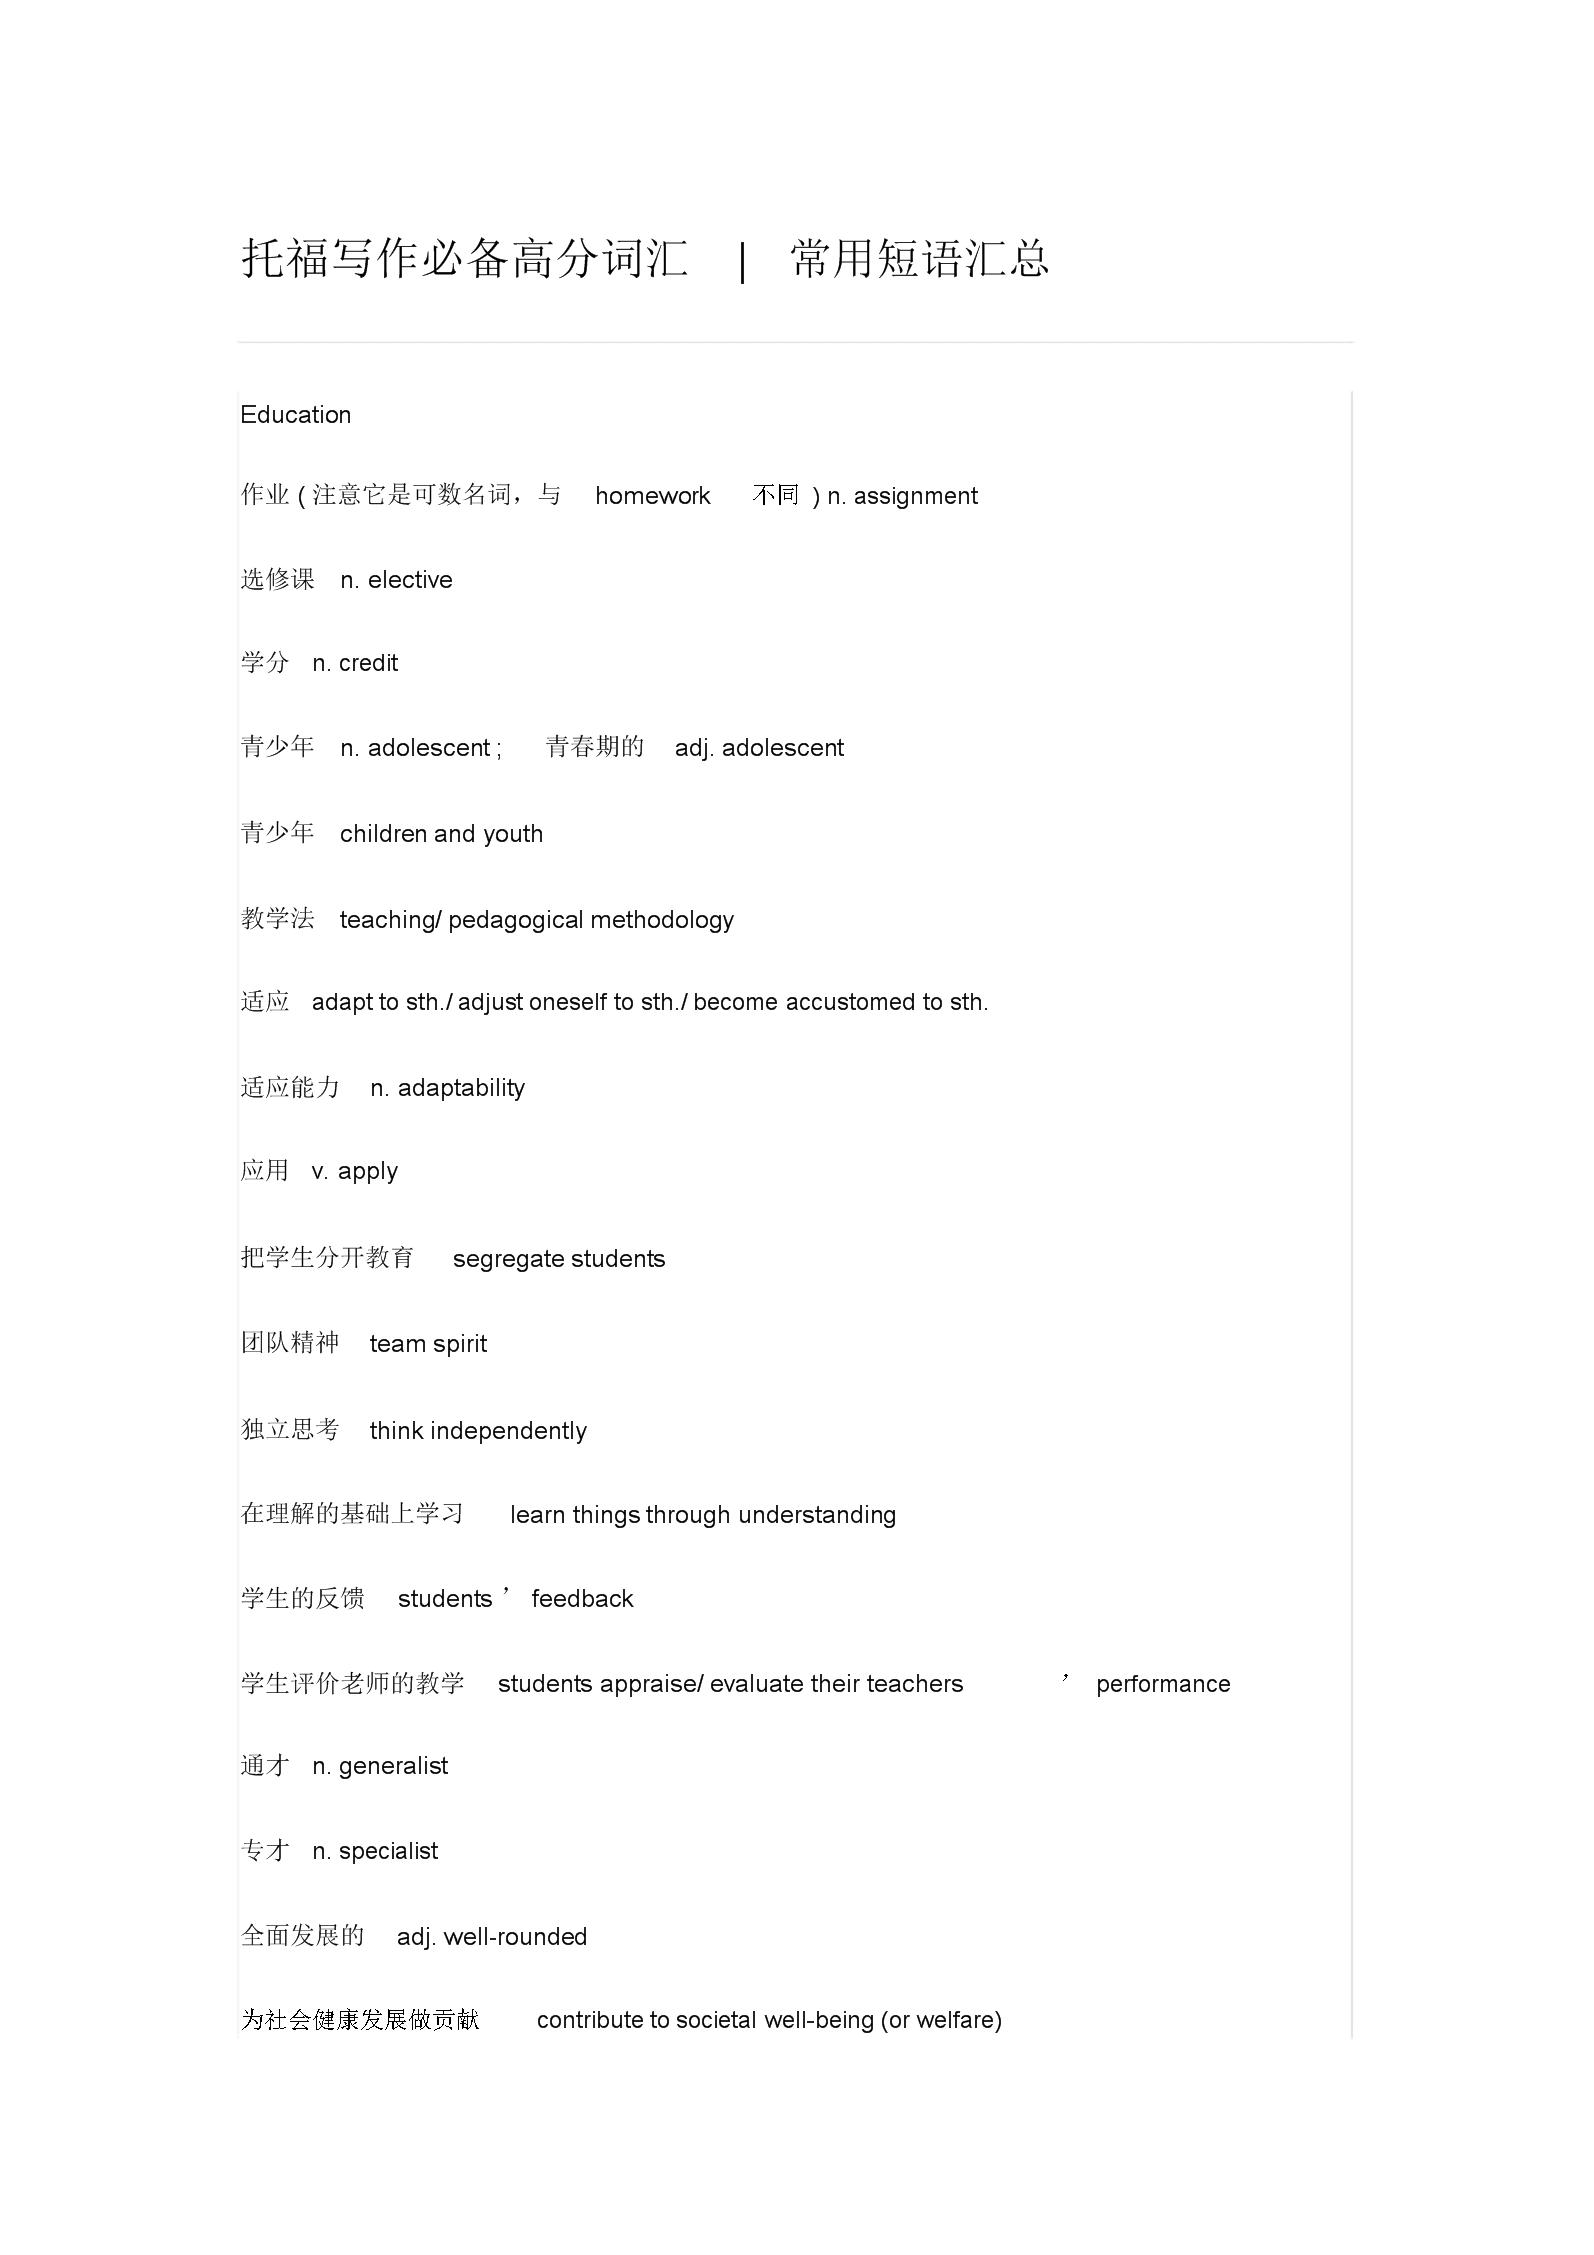 (完整版)托福写作必备高分词汇常用短语汇总.doc